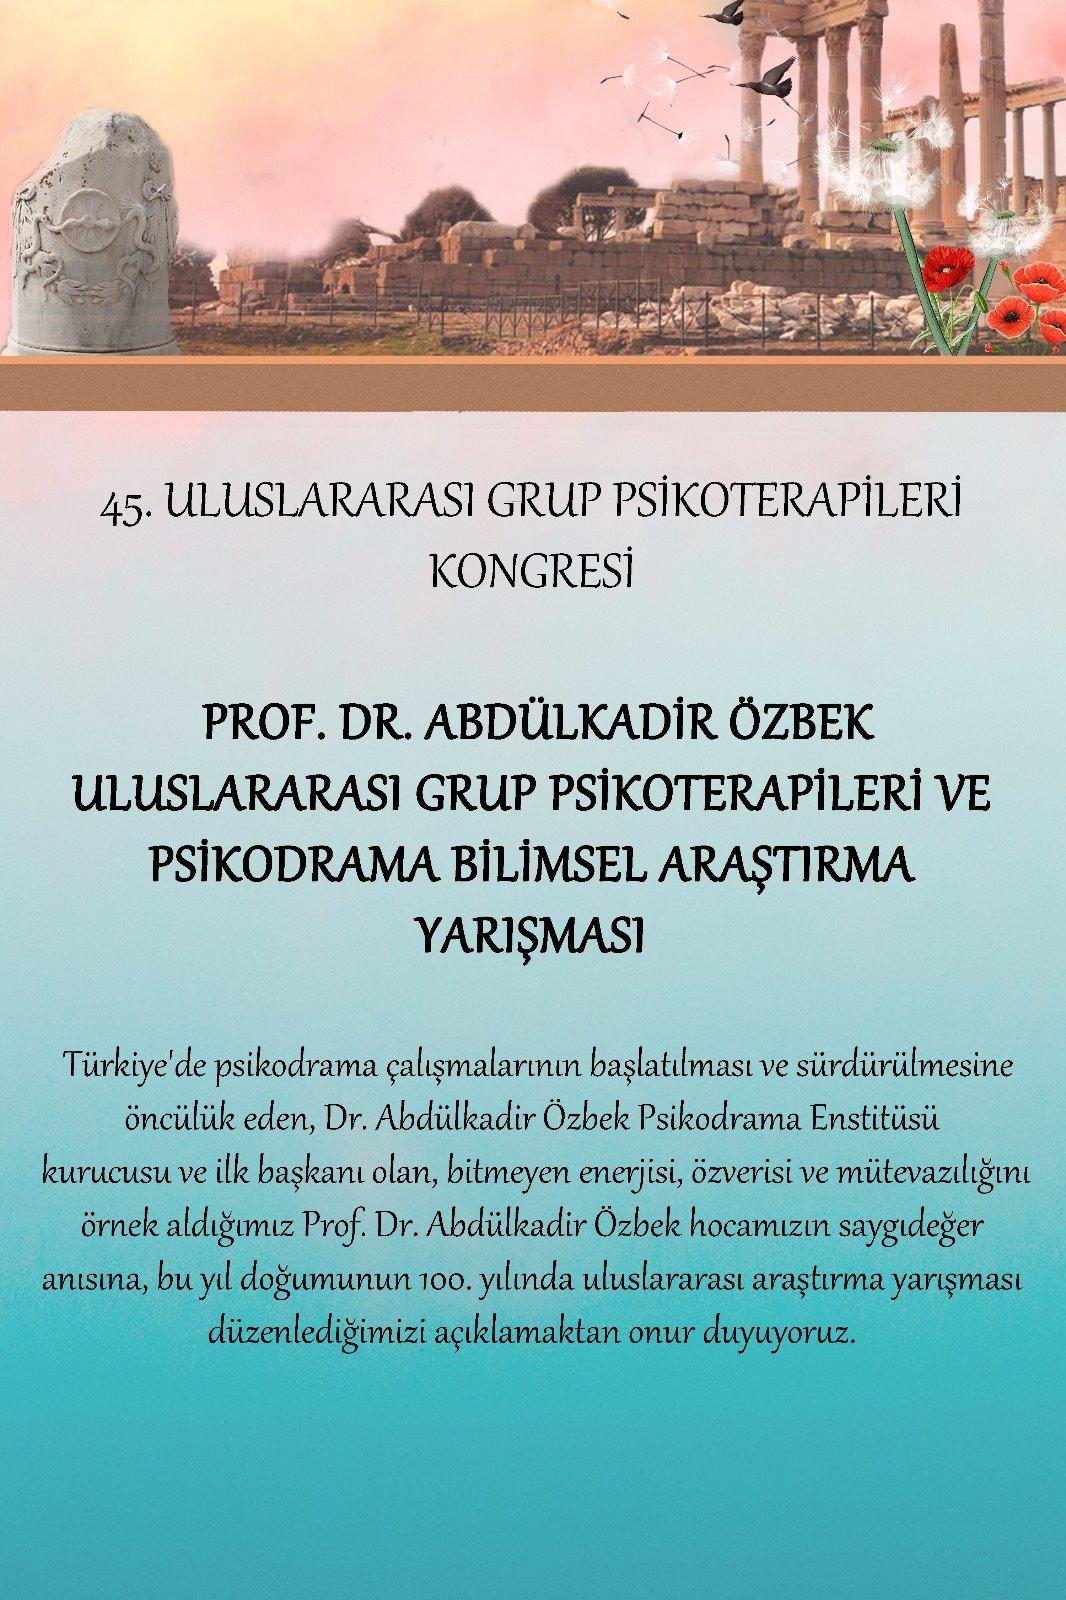 45. Uluslararası Grup Psikoterapileri Kongresi